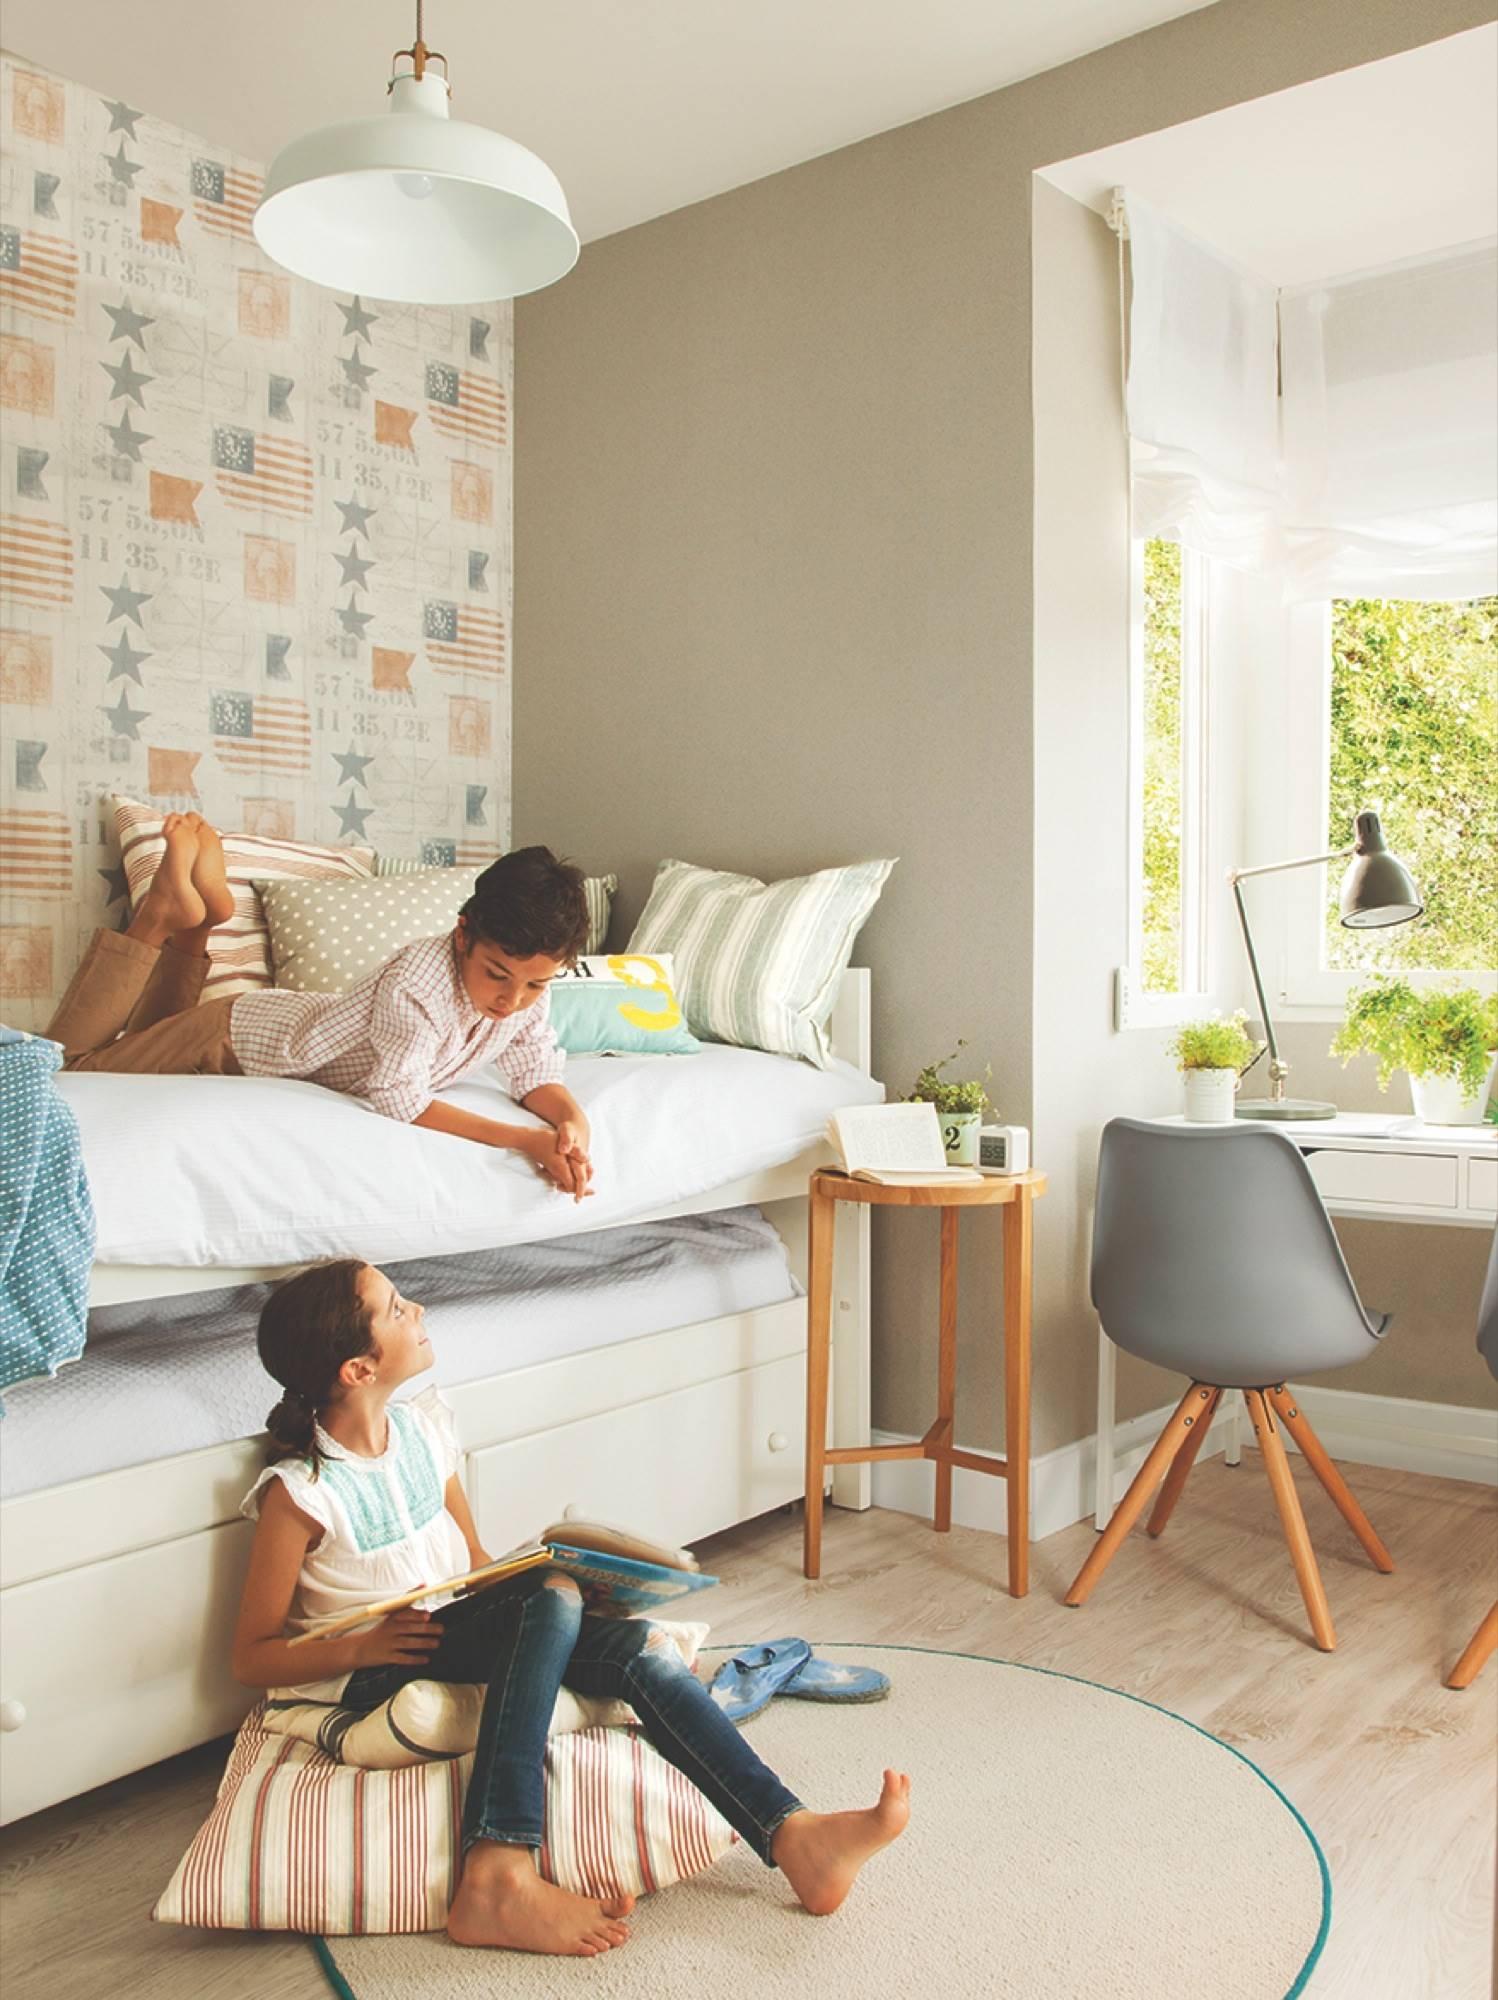 De dormitorio infantil a habitaci n juvenil - Dormitorio de ninos ...